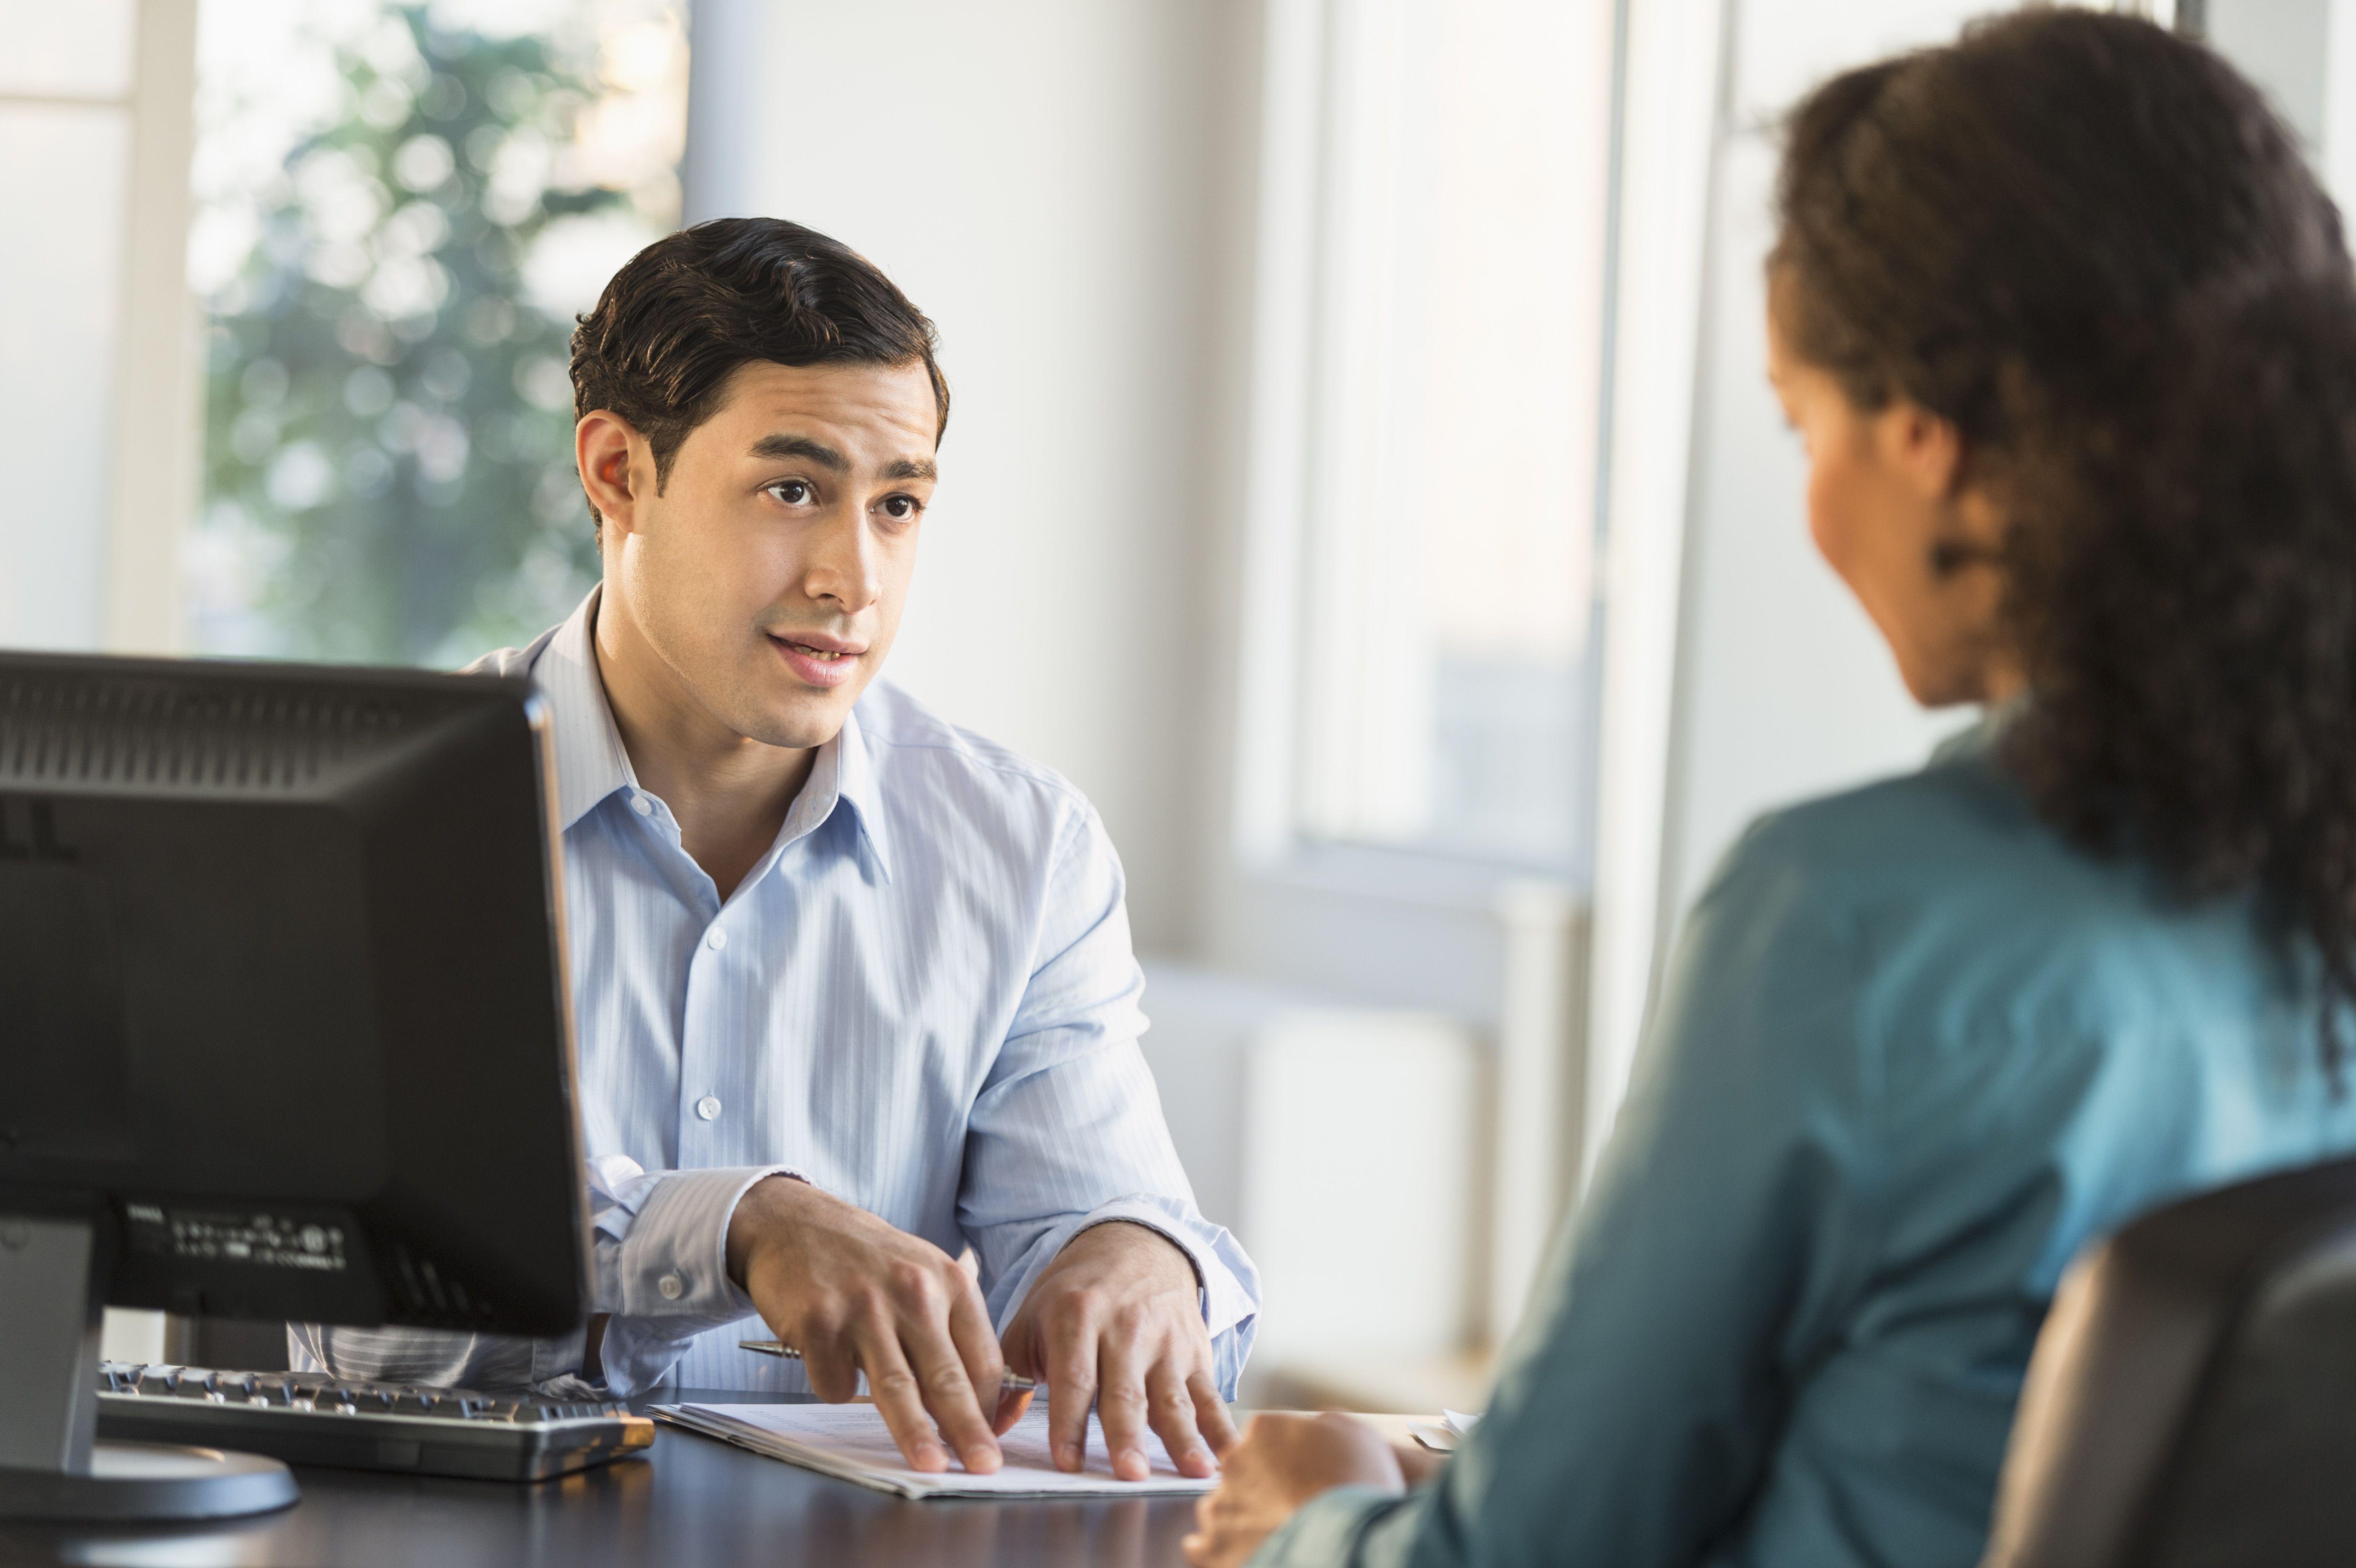 Casual Job Interview Attire